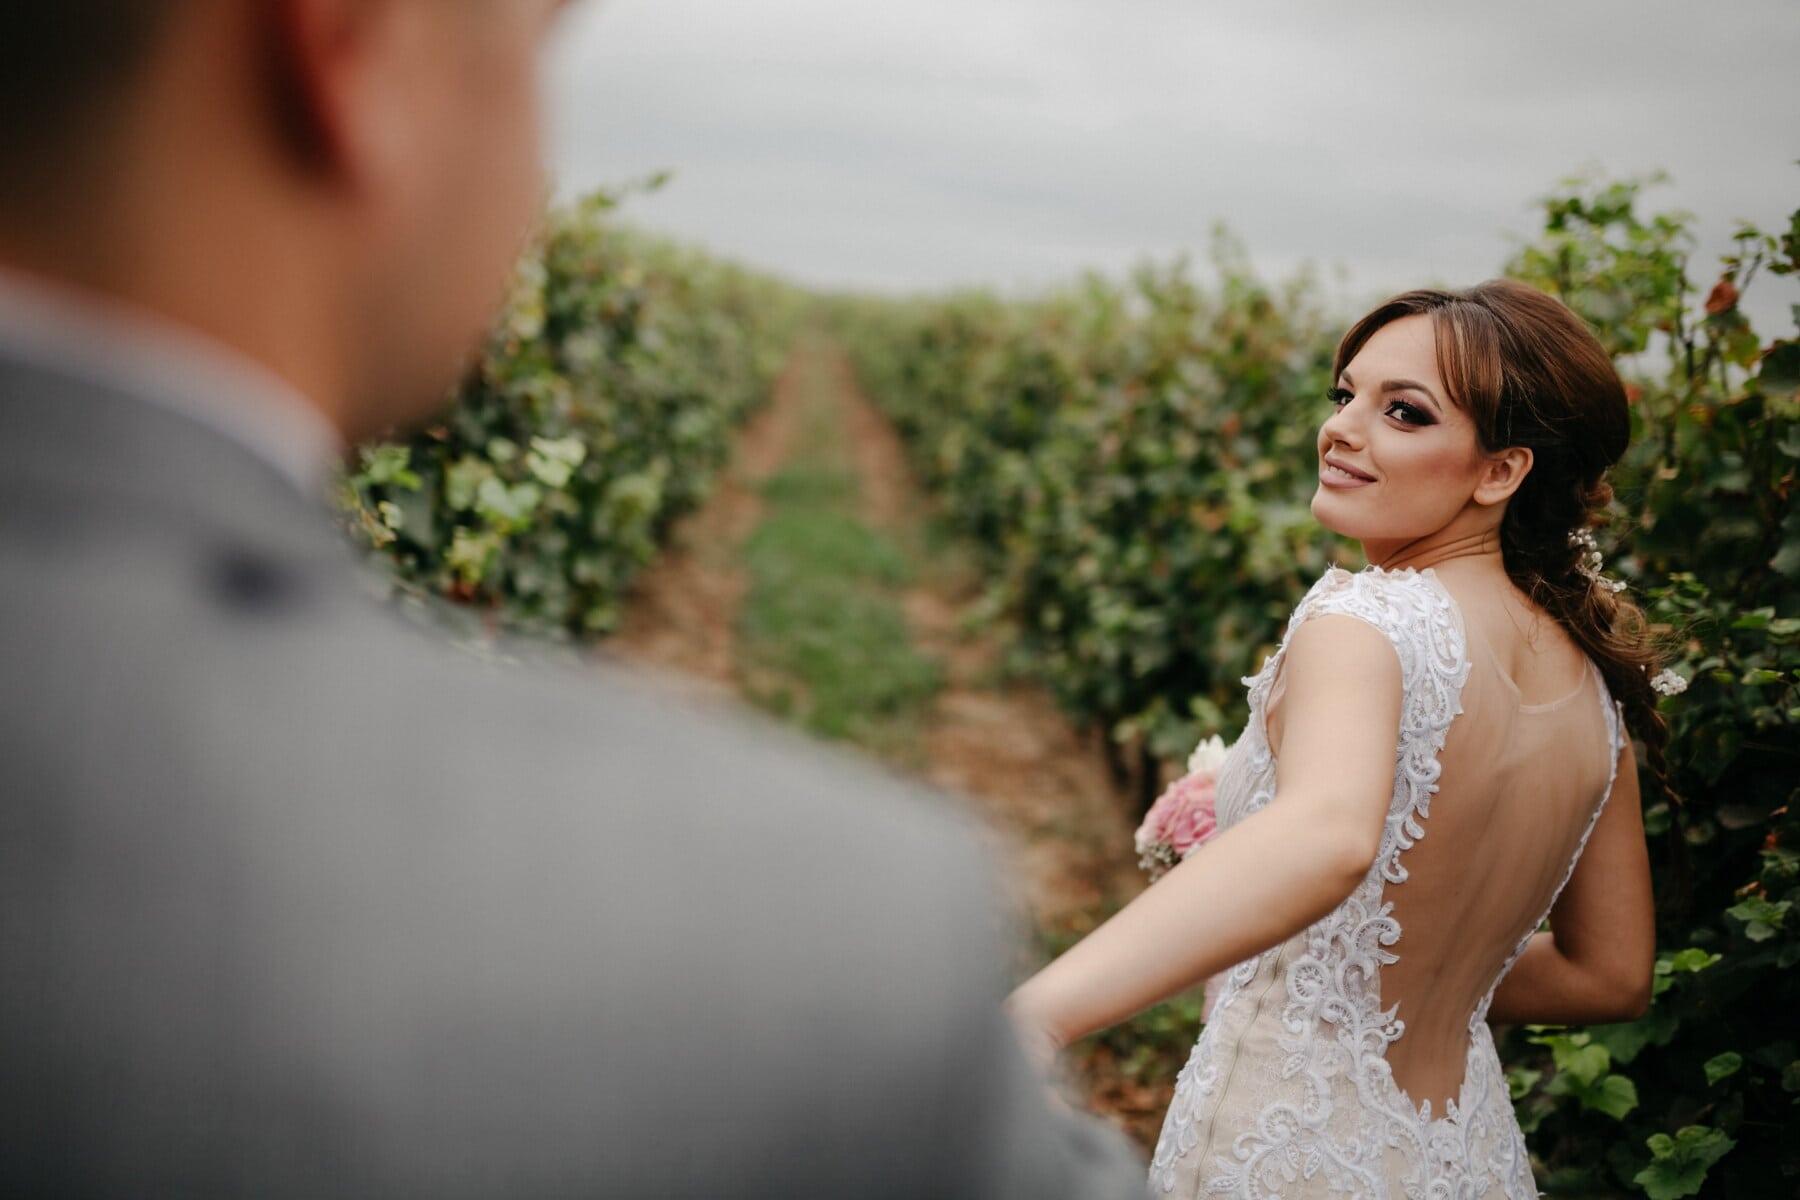 si rambut coklat, pengantin, gadis cantik, kebun anggur, sukacita, pernikahan, pengantin pria, wanita, keterlibatan, alam